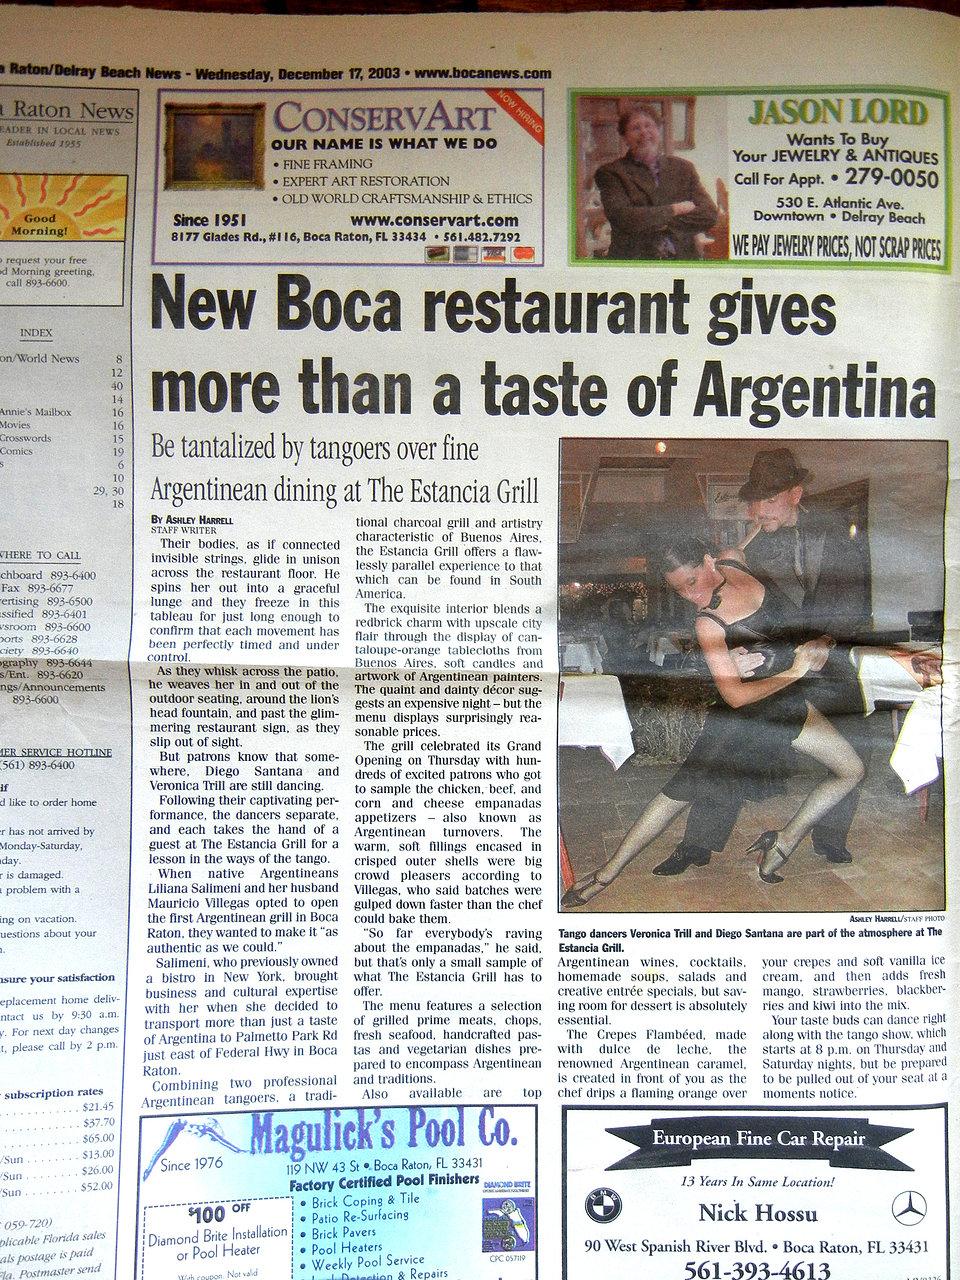 The Boca News